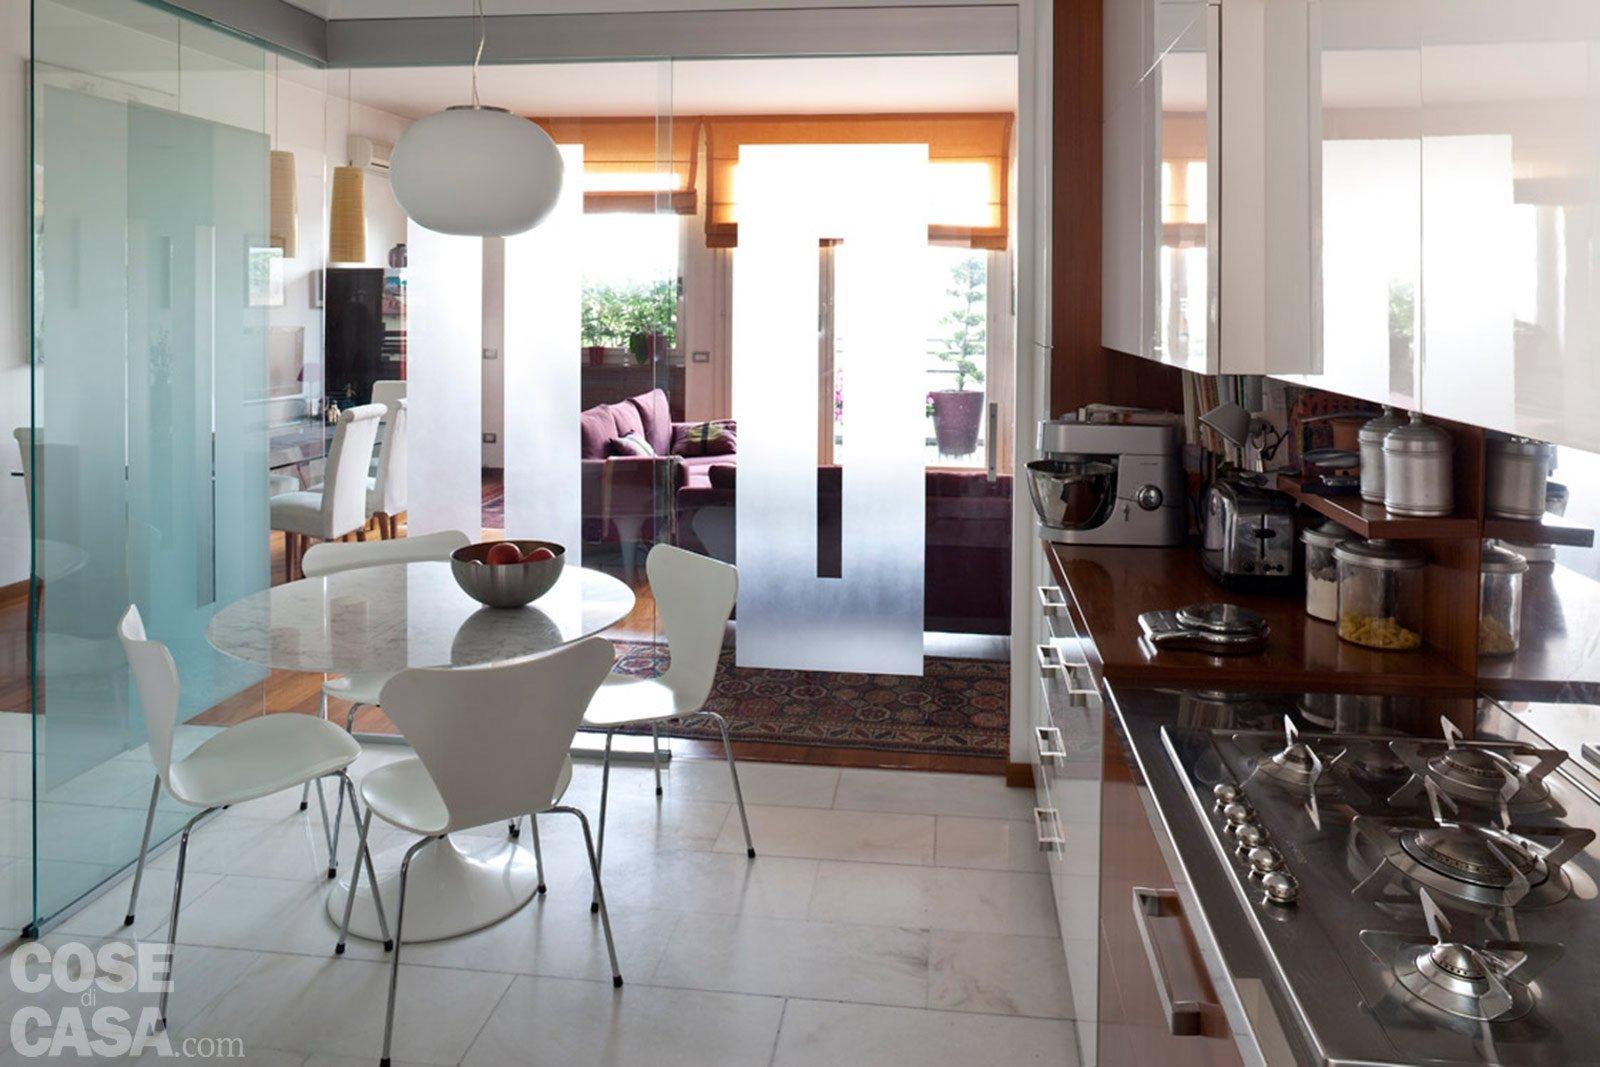 Una Casa Rinnovata Nel Look Con Luce Moltiplicata Cose Di Casa #A0592B 1600 1067 Sedie Per Il Tavolo Da Pranzo